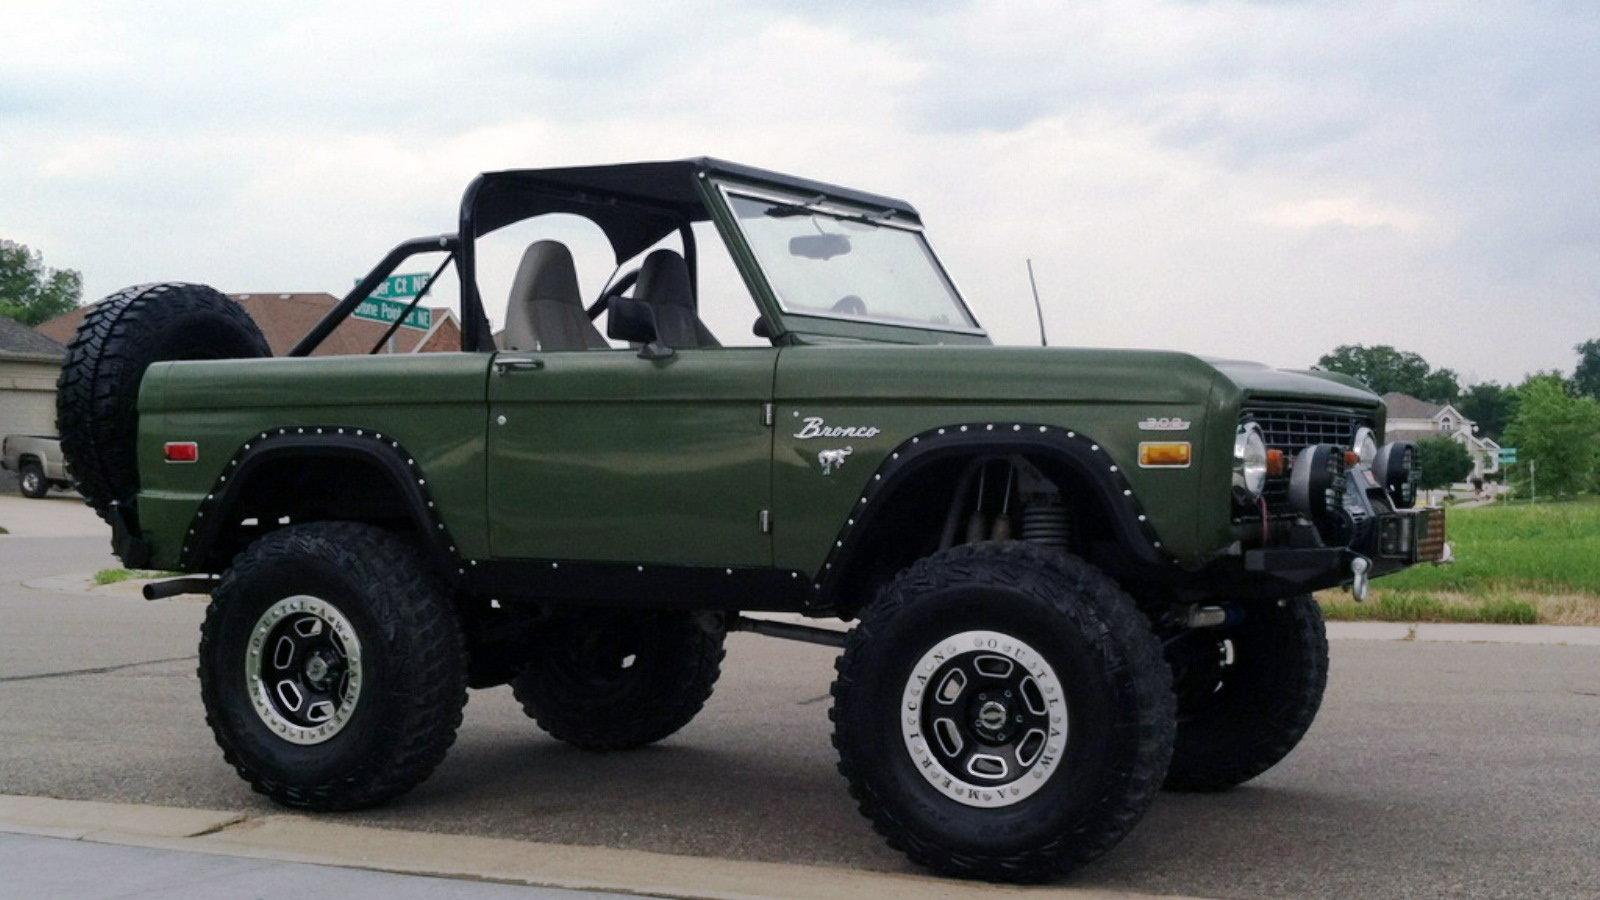 1970 Bronco - Bring-em Back Olive